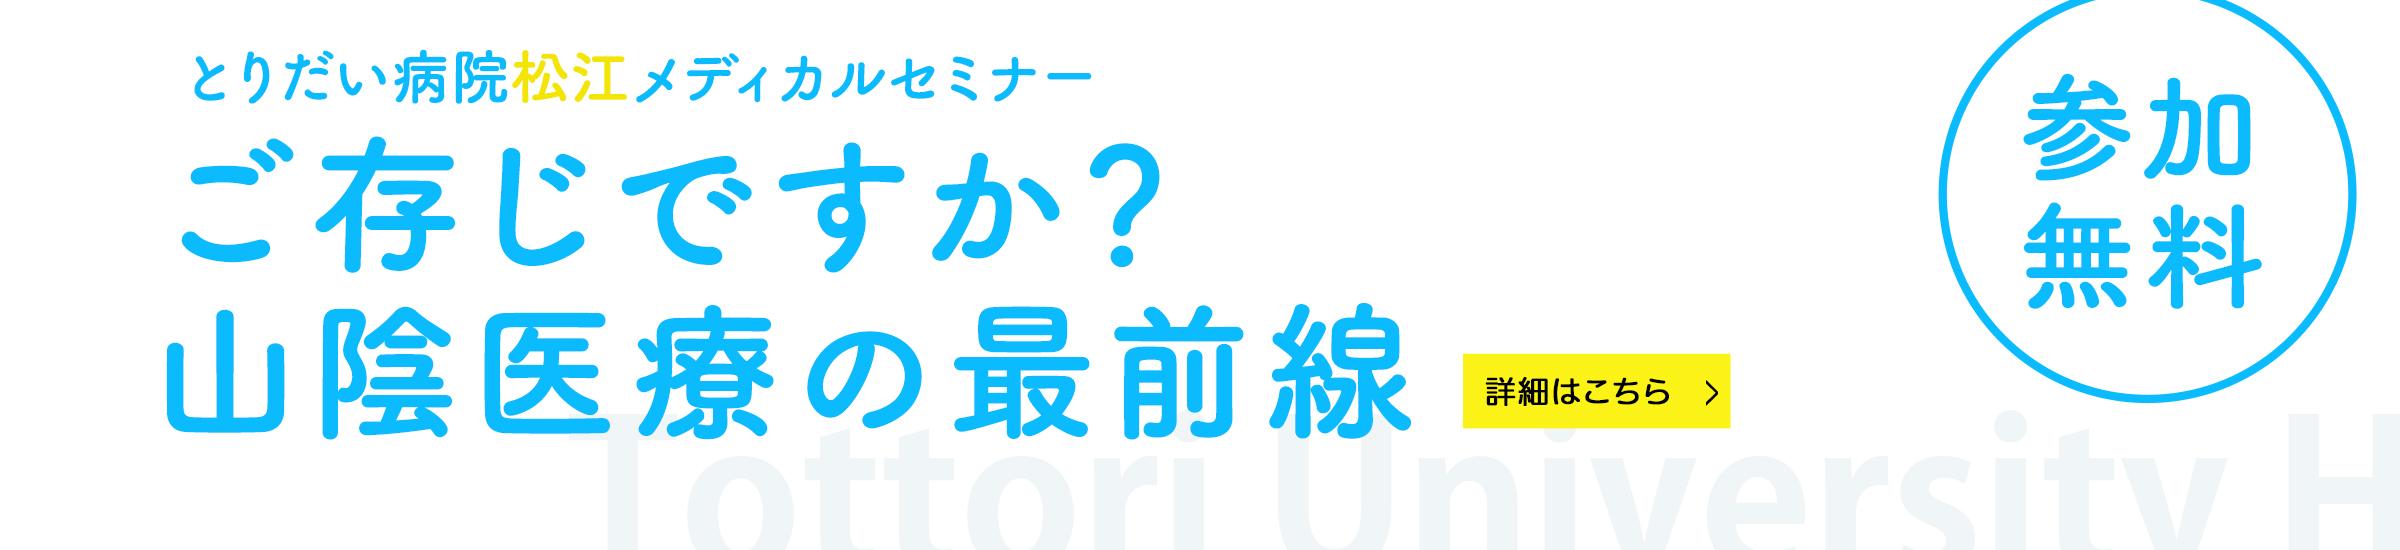 H29松江メディカルセミナー